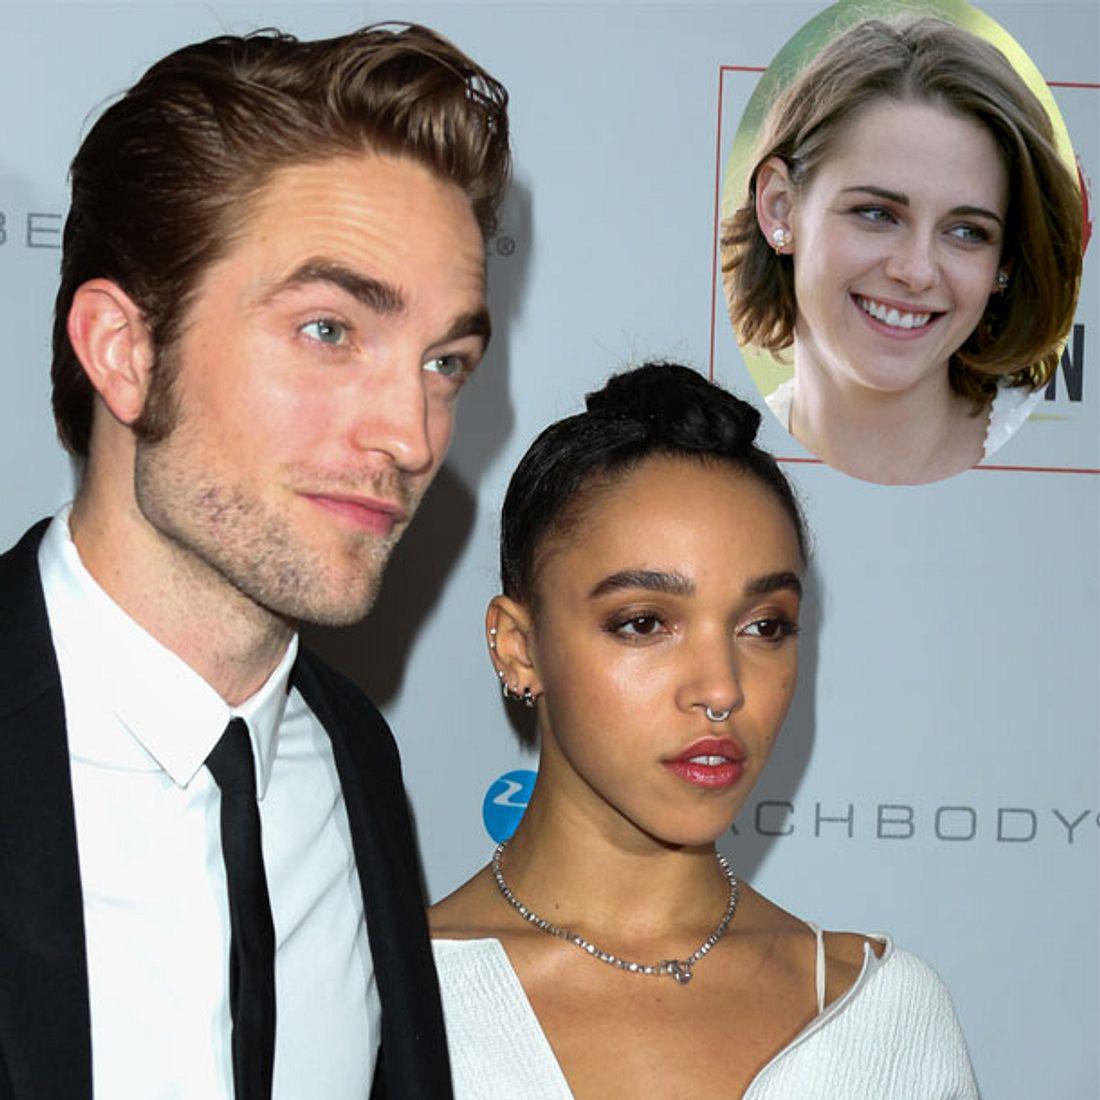 Robert Pattinson und FKA twigs: Trennung wegen Kristen Stewart?